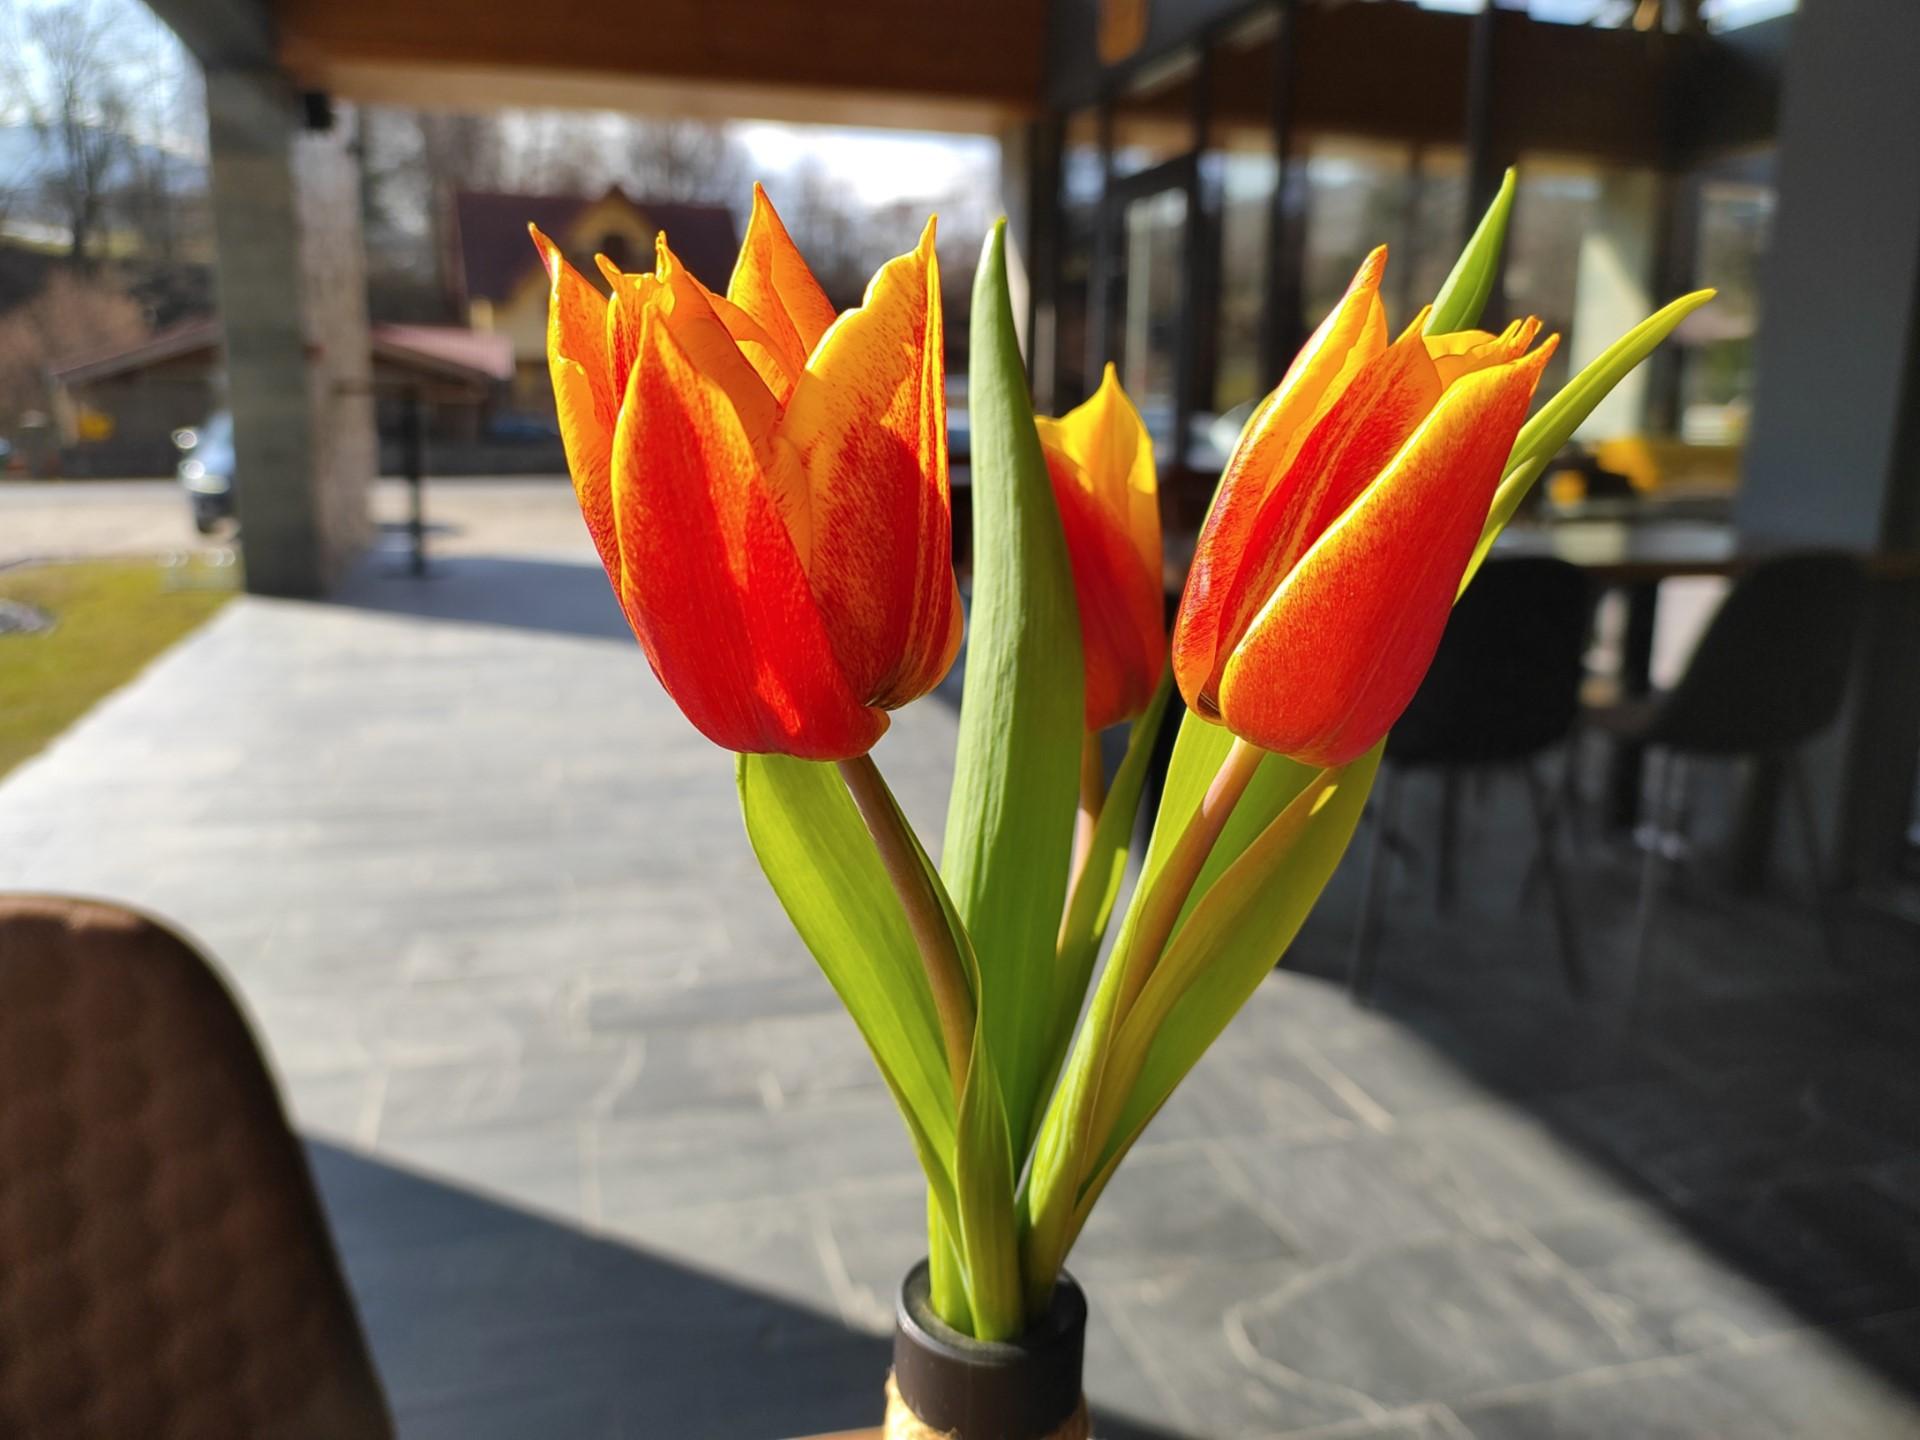 Red Magic 6 camera sample flowers in jar